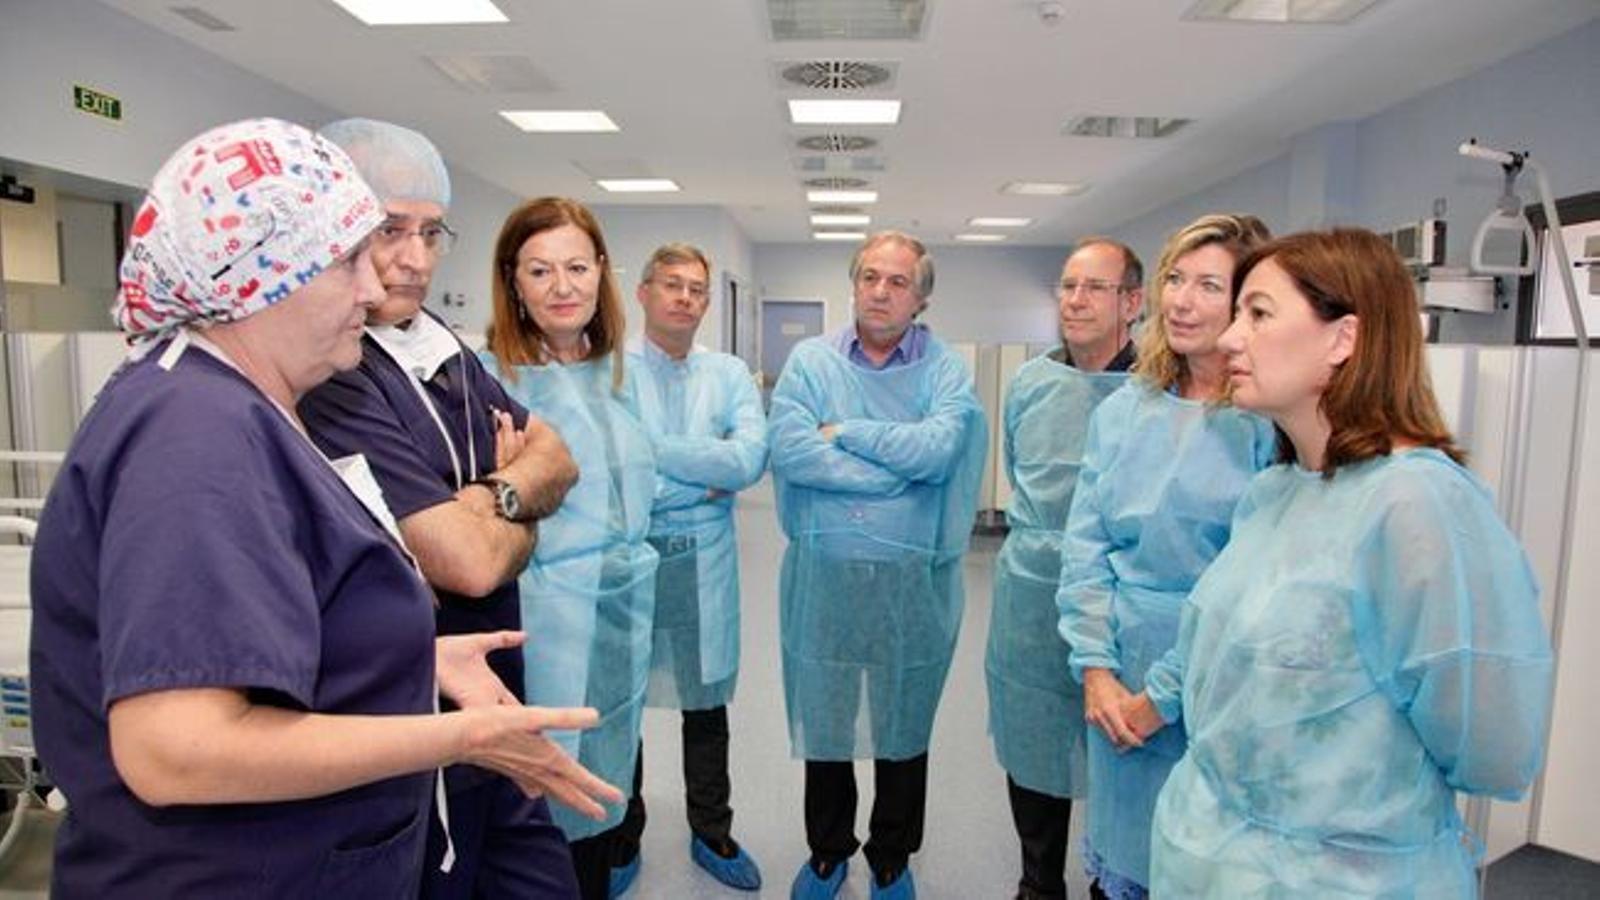 Patricia Gómez conegué els detalls del futur hospital a la seva visita amb la presidenta del Govern al centre el maig passat.